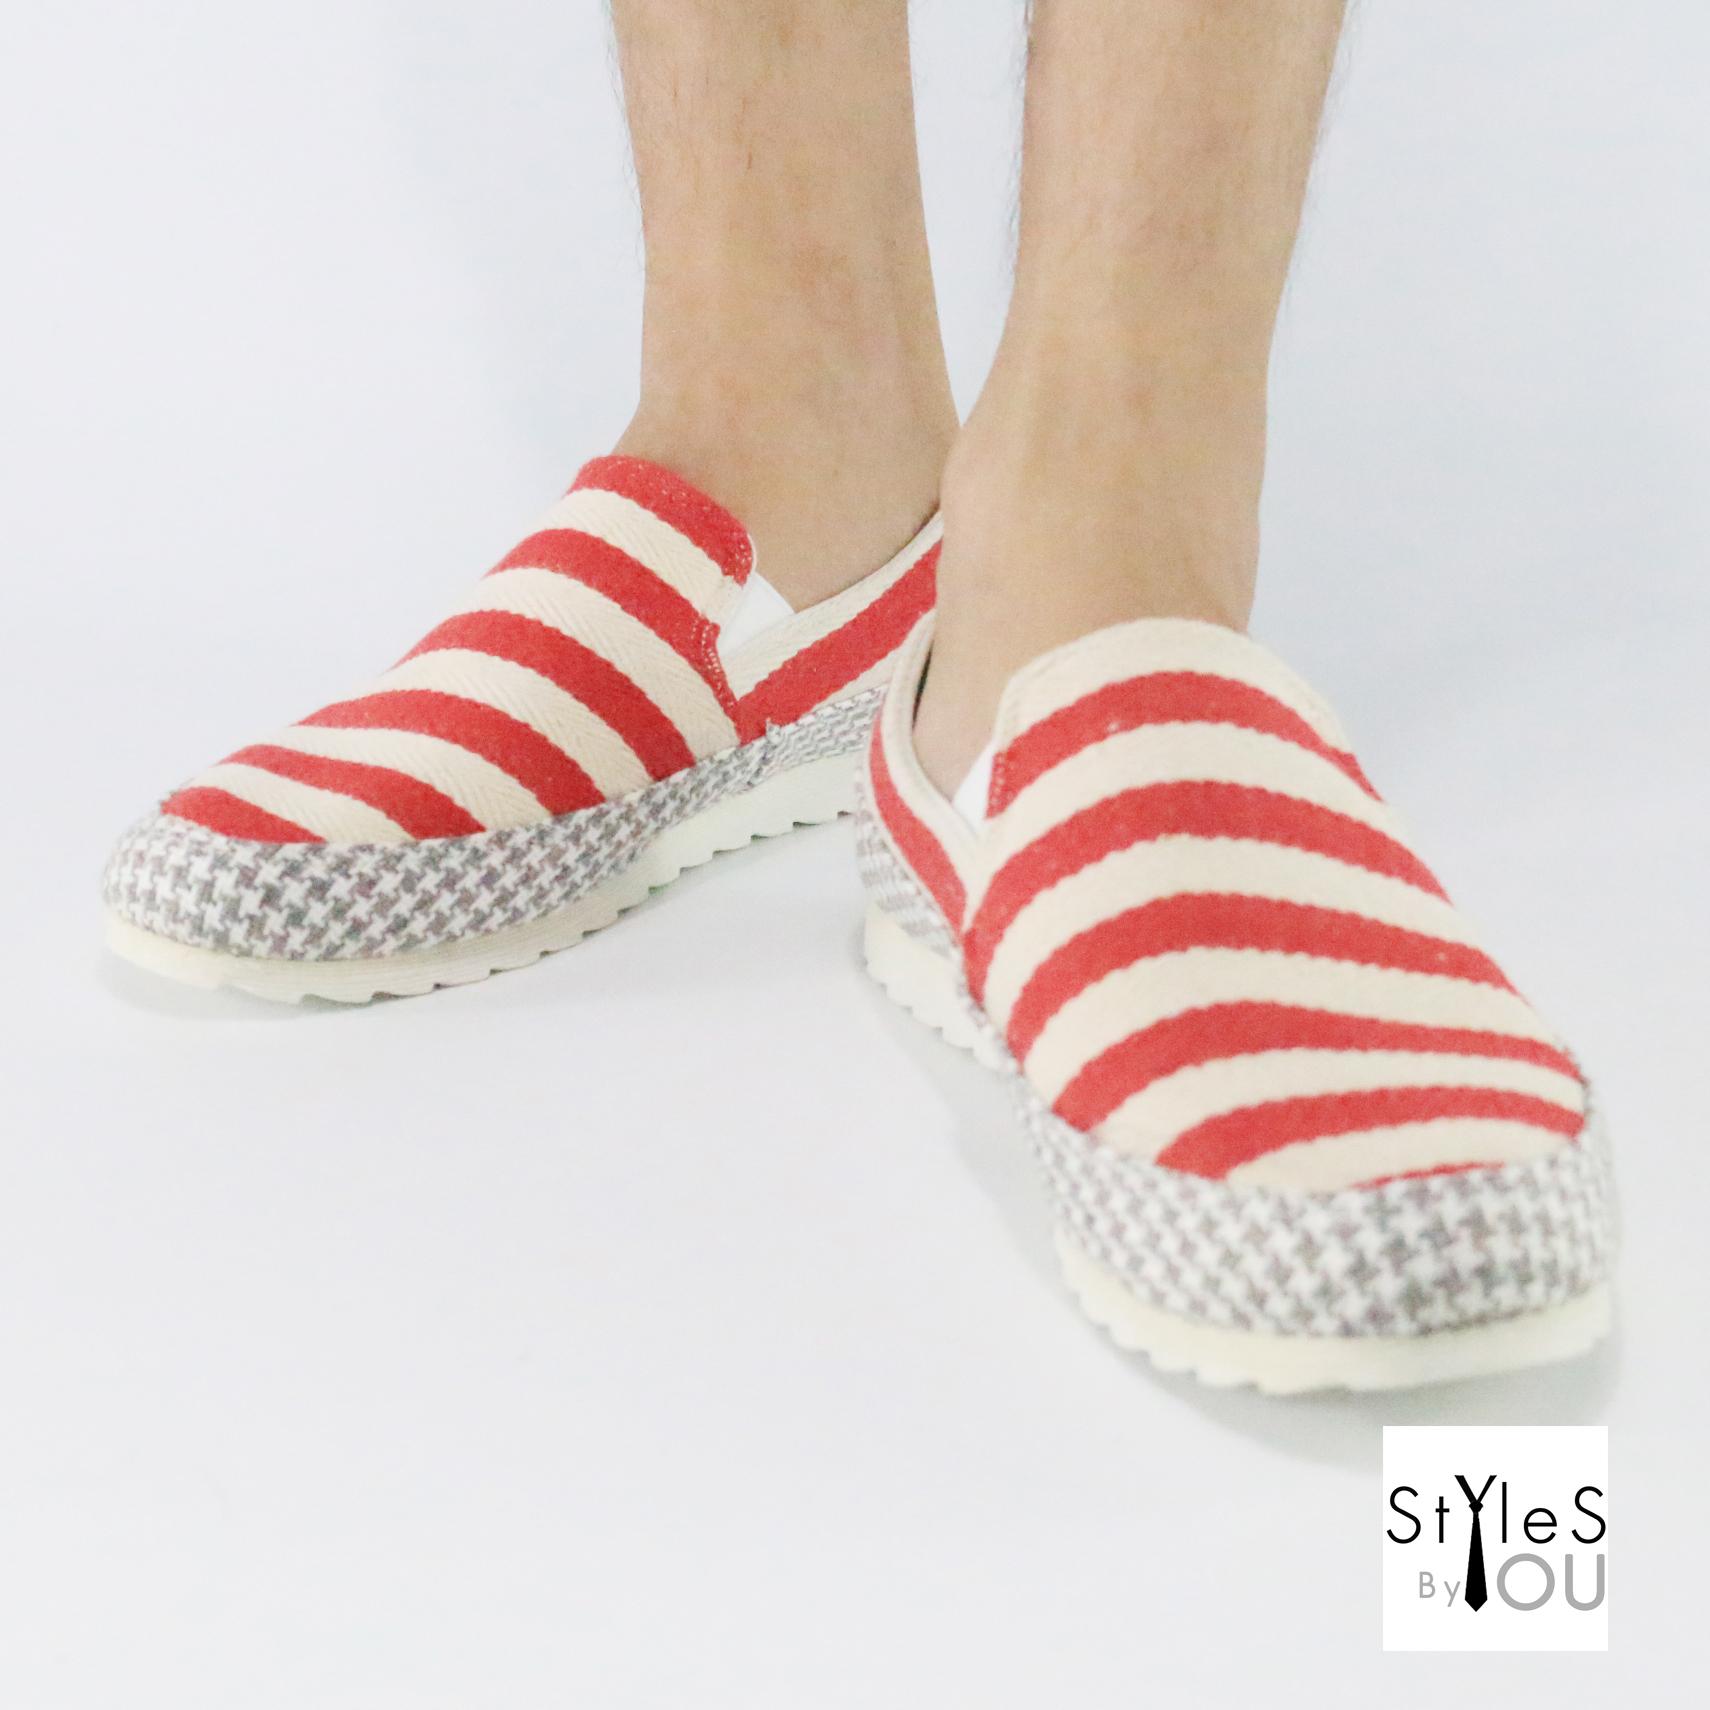 รองเท้าผู้ชาย ทรงลำลอง ดีไซน์สวยเท่ห์ มี 3 สี พร้อมส่ง